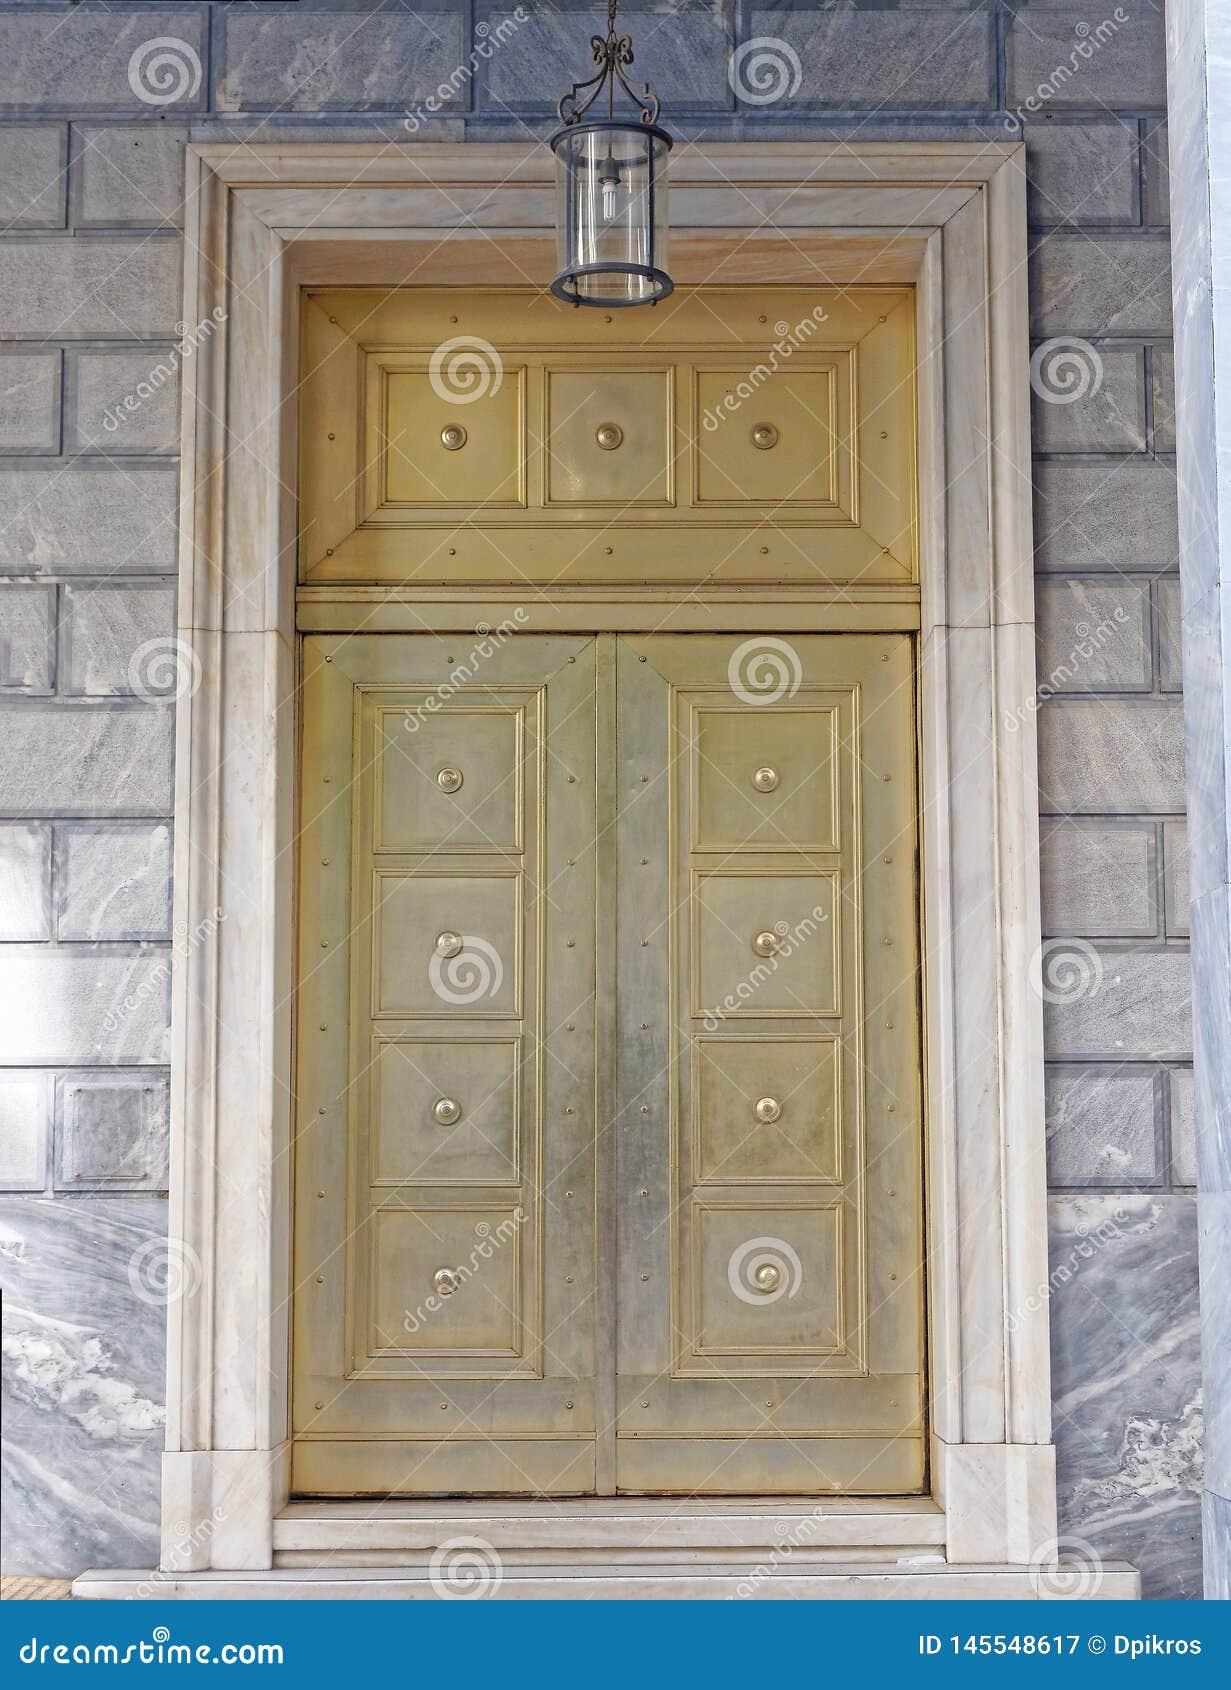 Puerta elegante del metal de bronce de una institución de actividad bancaria